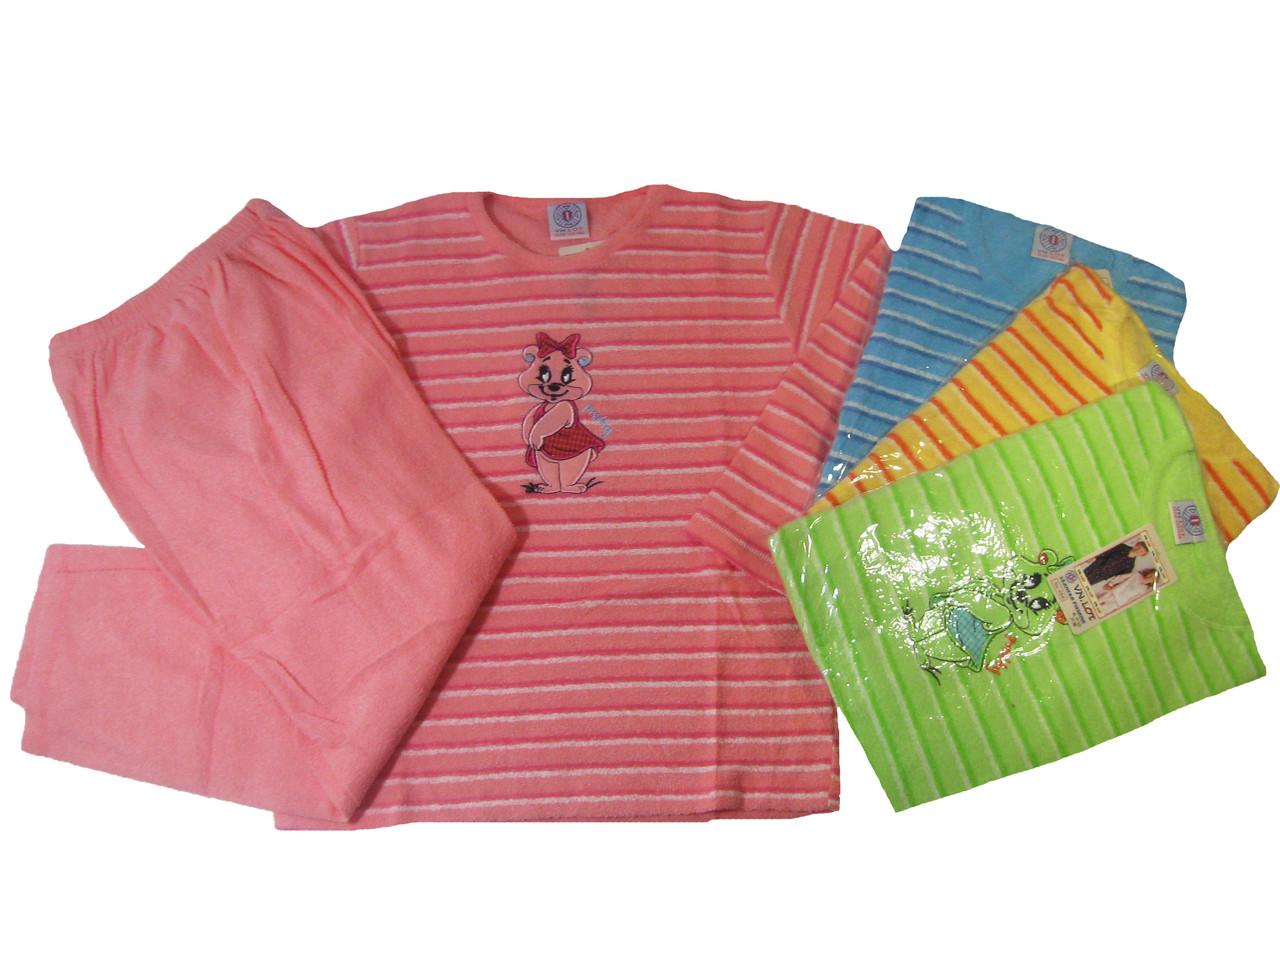 Пижама махровая с начёсом для девочек, размеры 86/92-134/140, арт. 466